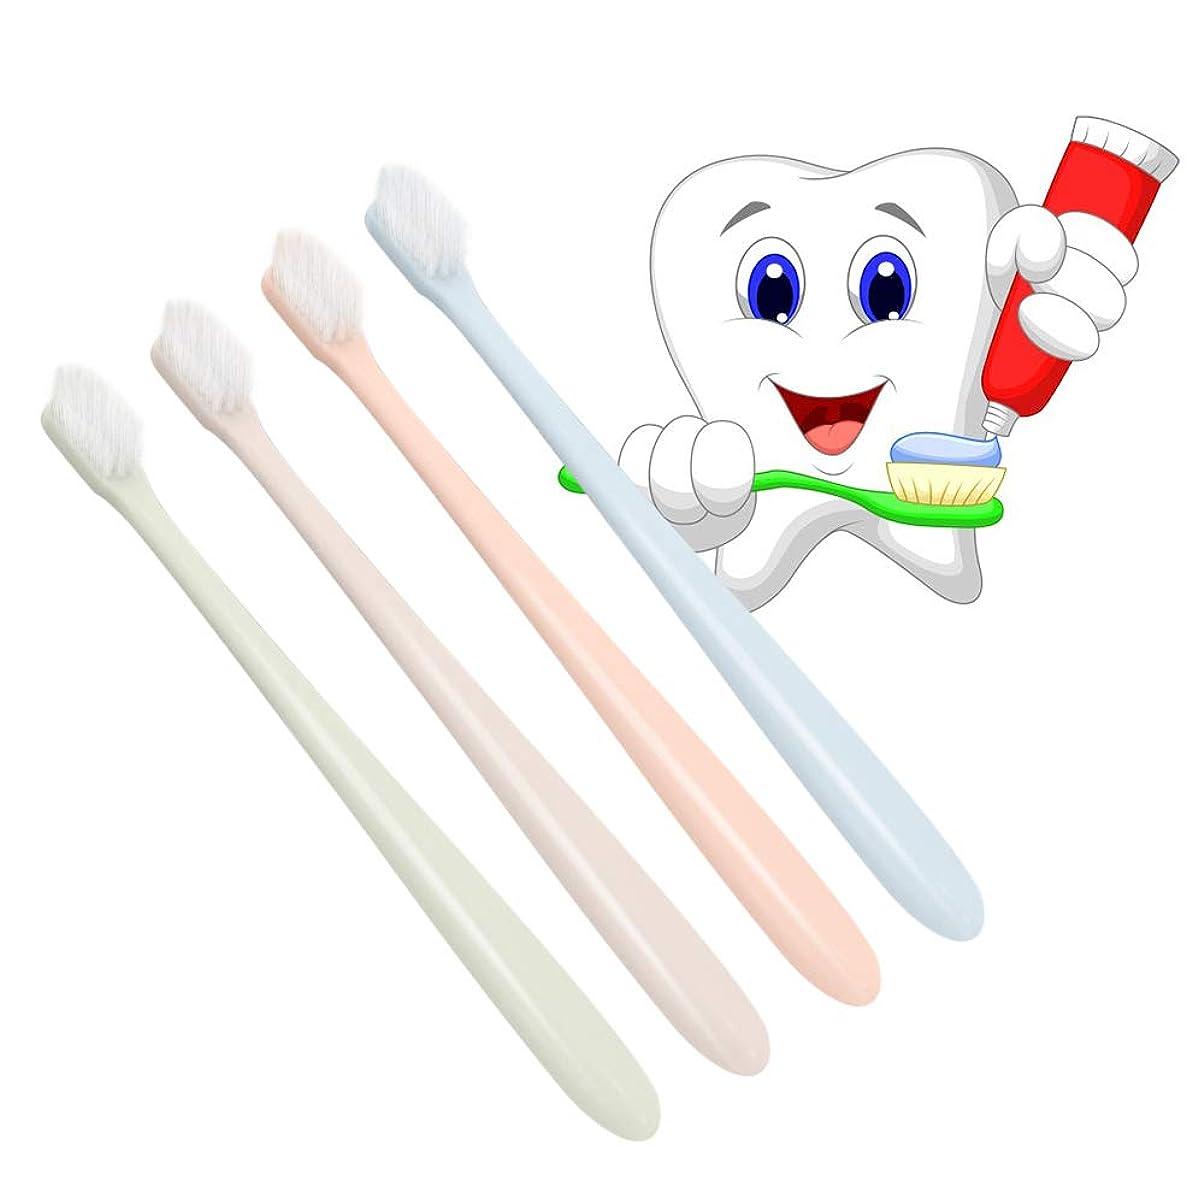 忍耐コンプライアンス腹痛Decdeal 歯ブラシ 4本入り 大人の歯ブラシ 柔らかい 携帯用